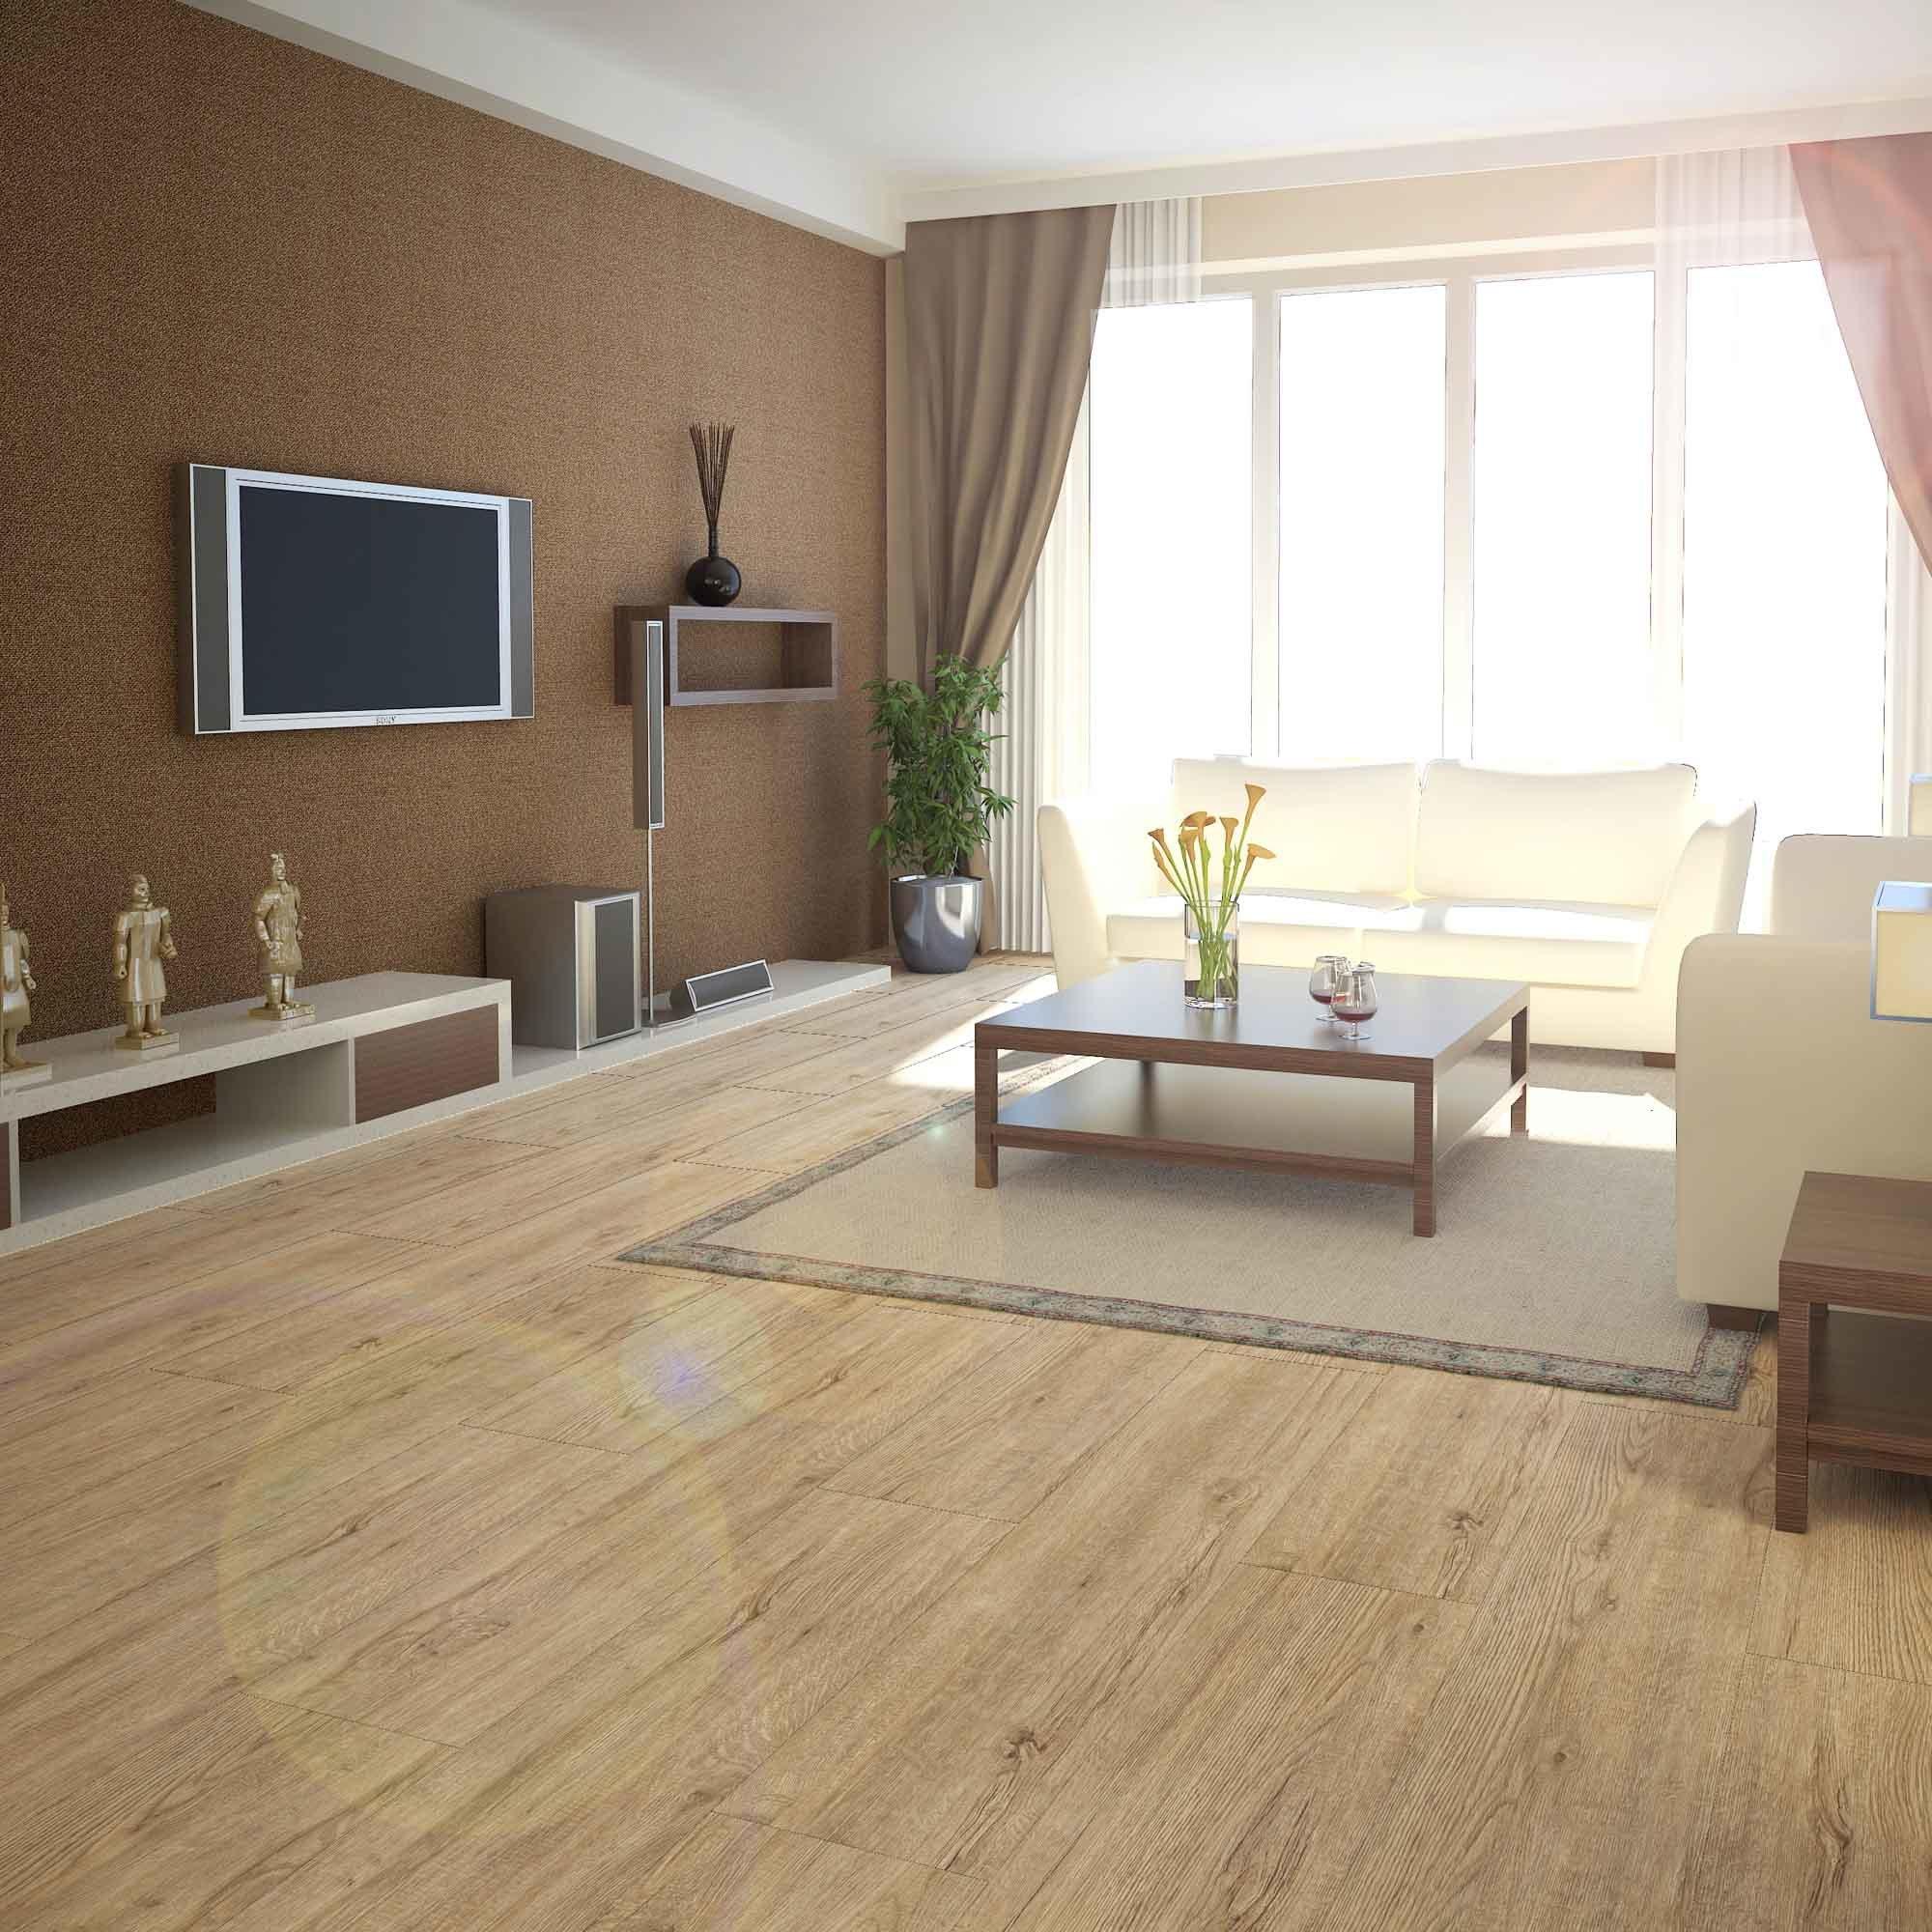 China Real Wood Texture Hdf Glossy Laminate Flooring Yellow Color Laminated